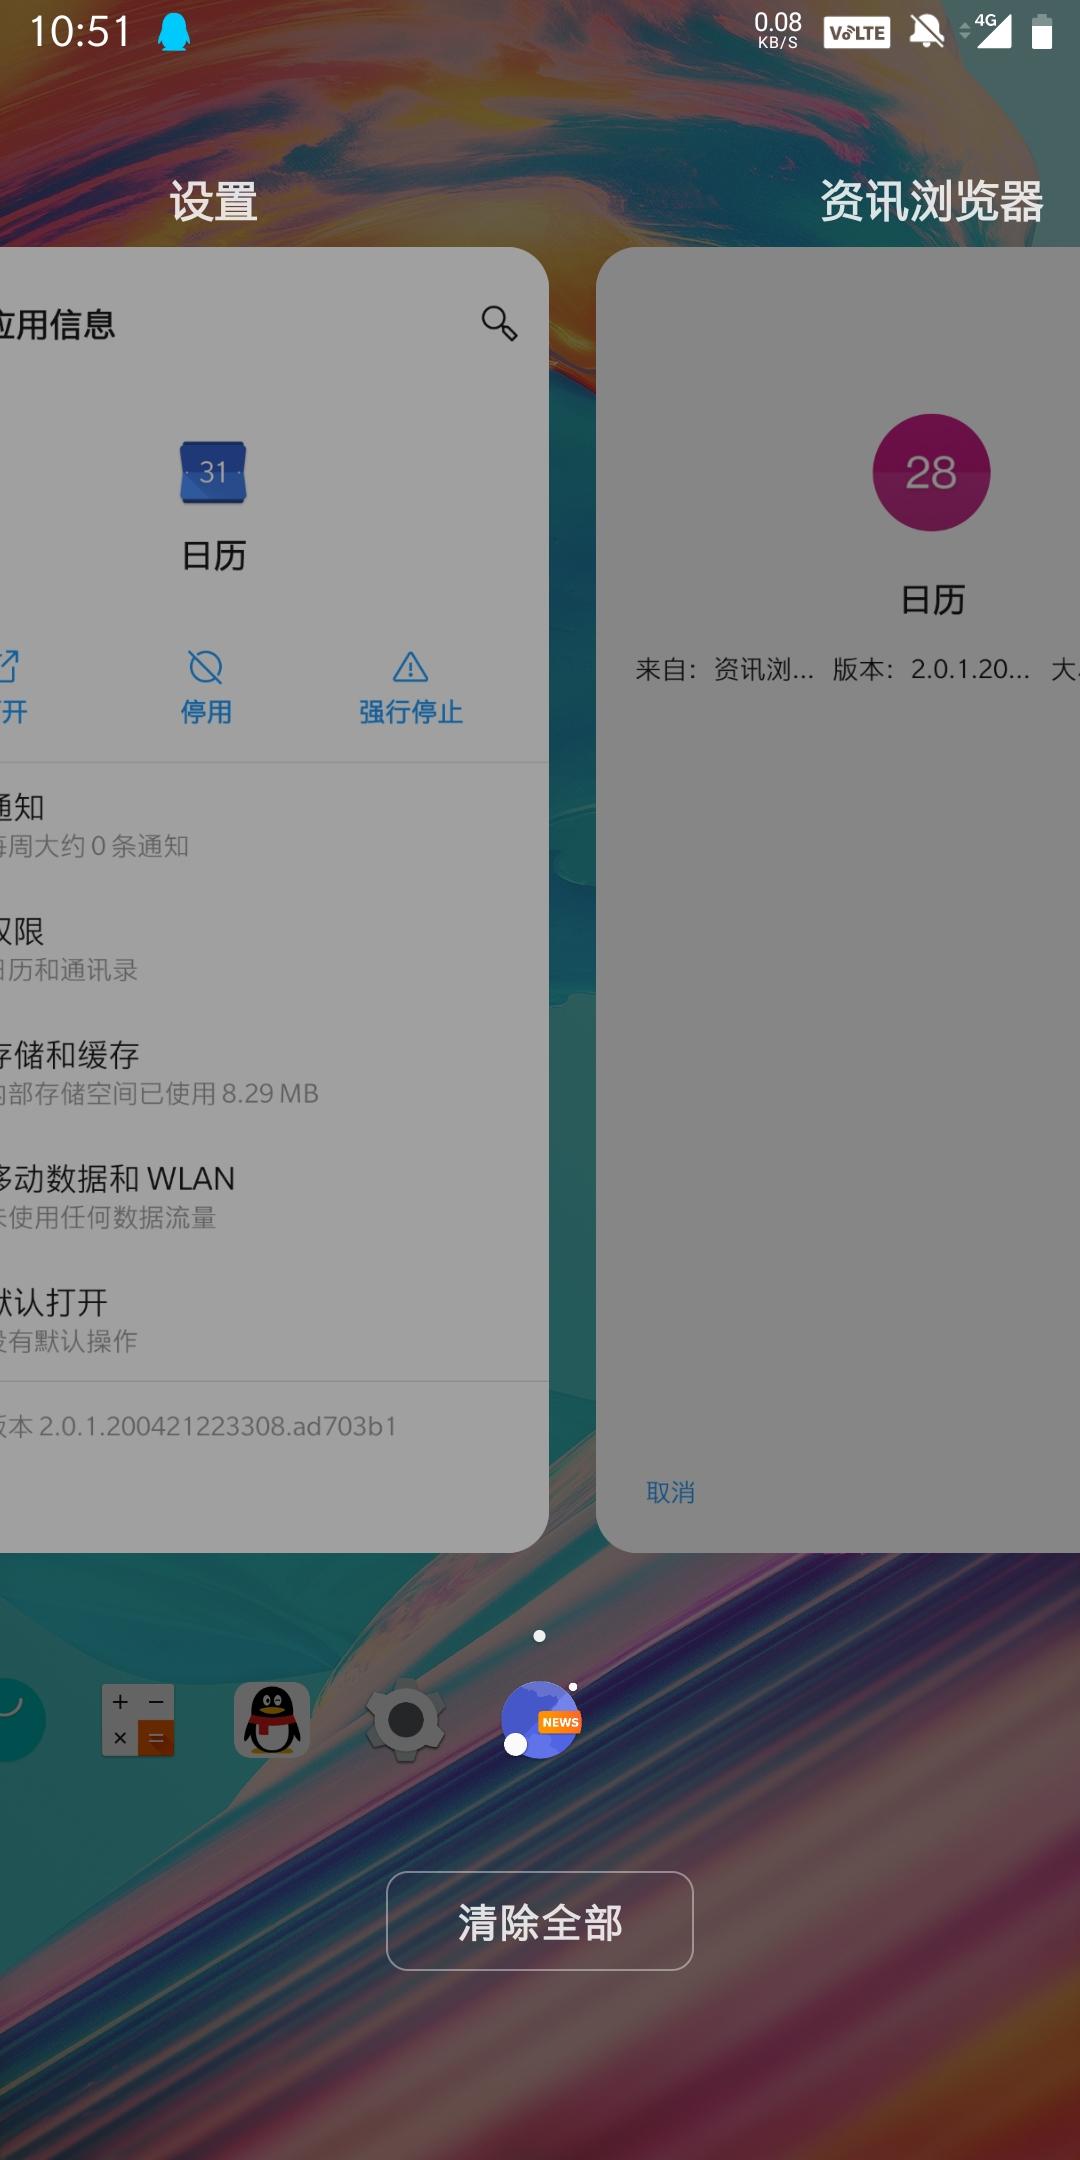 新版桌面任务管理器By安逸帅.jpg